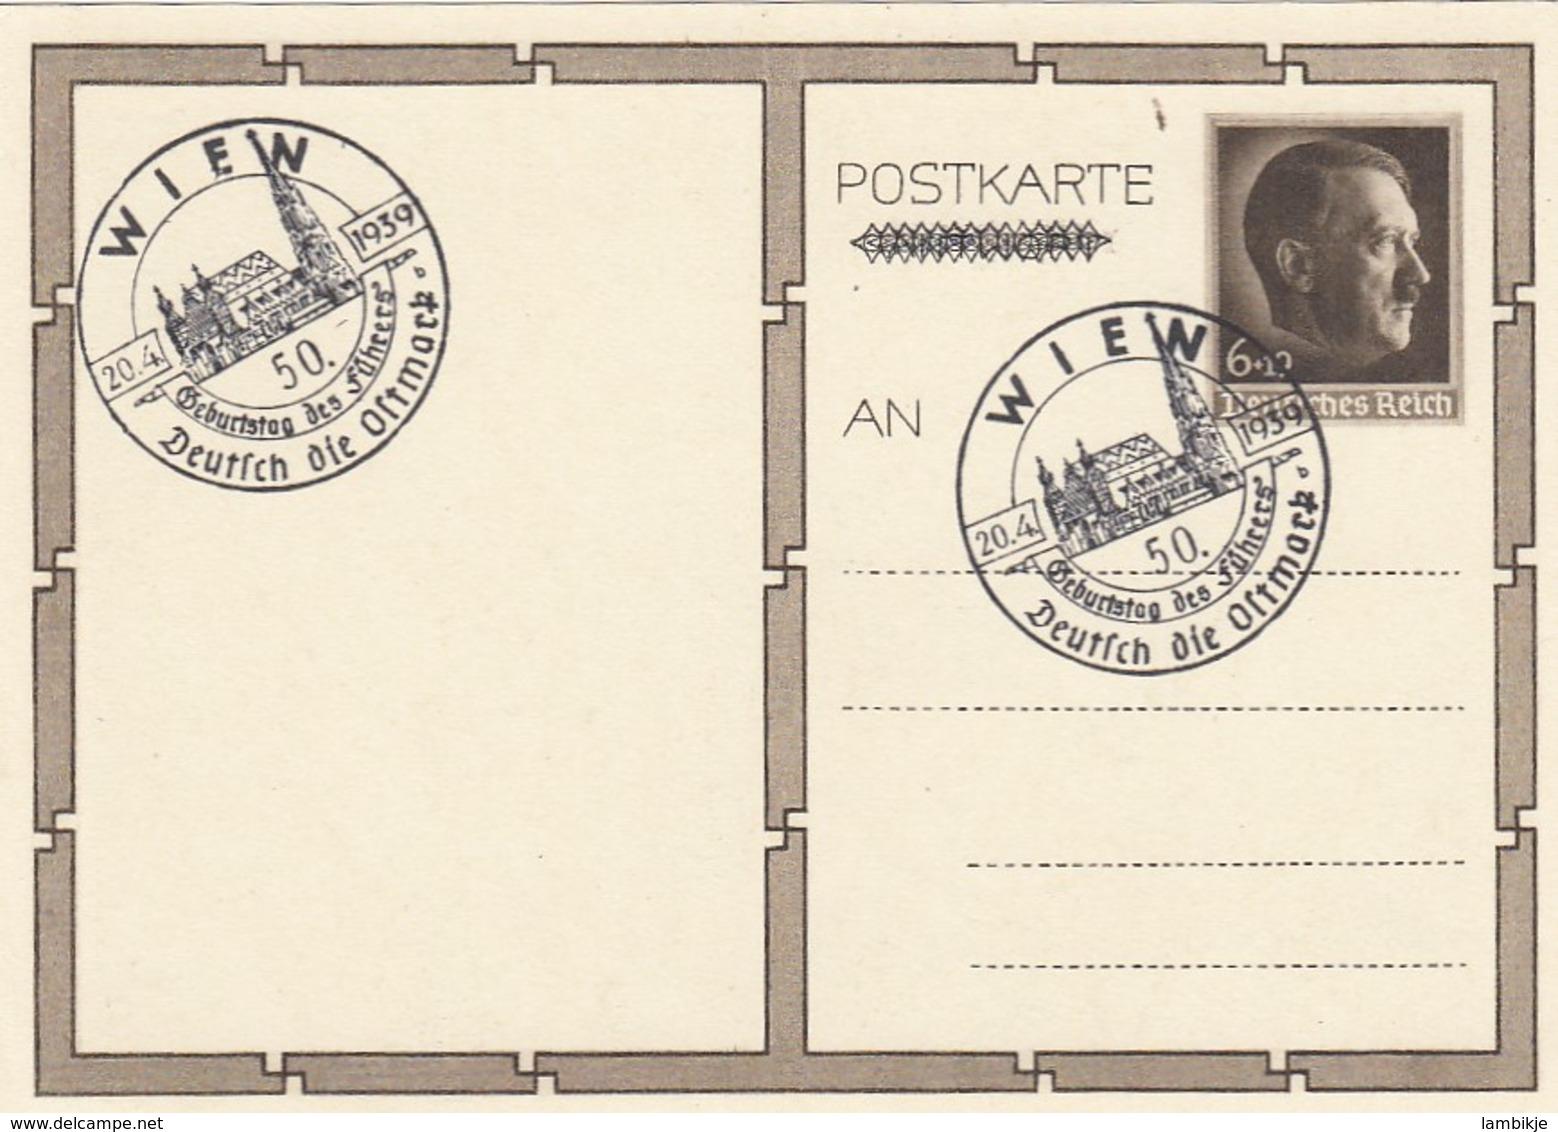 Deutsches Reich Postkarte P278/03 1939 - Briefe U. Dokumente